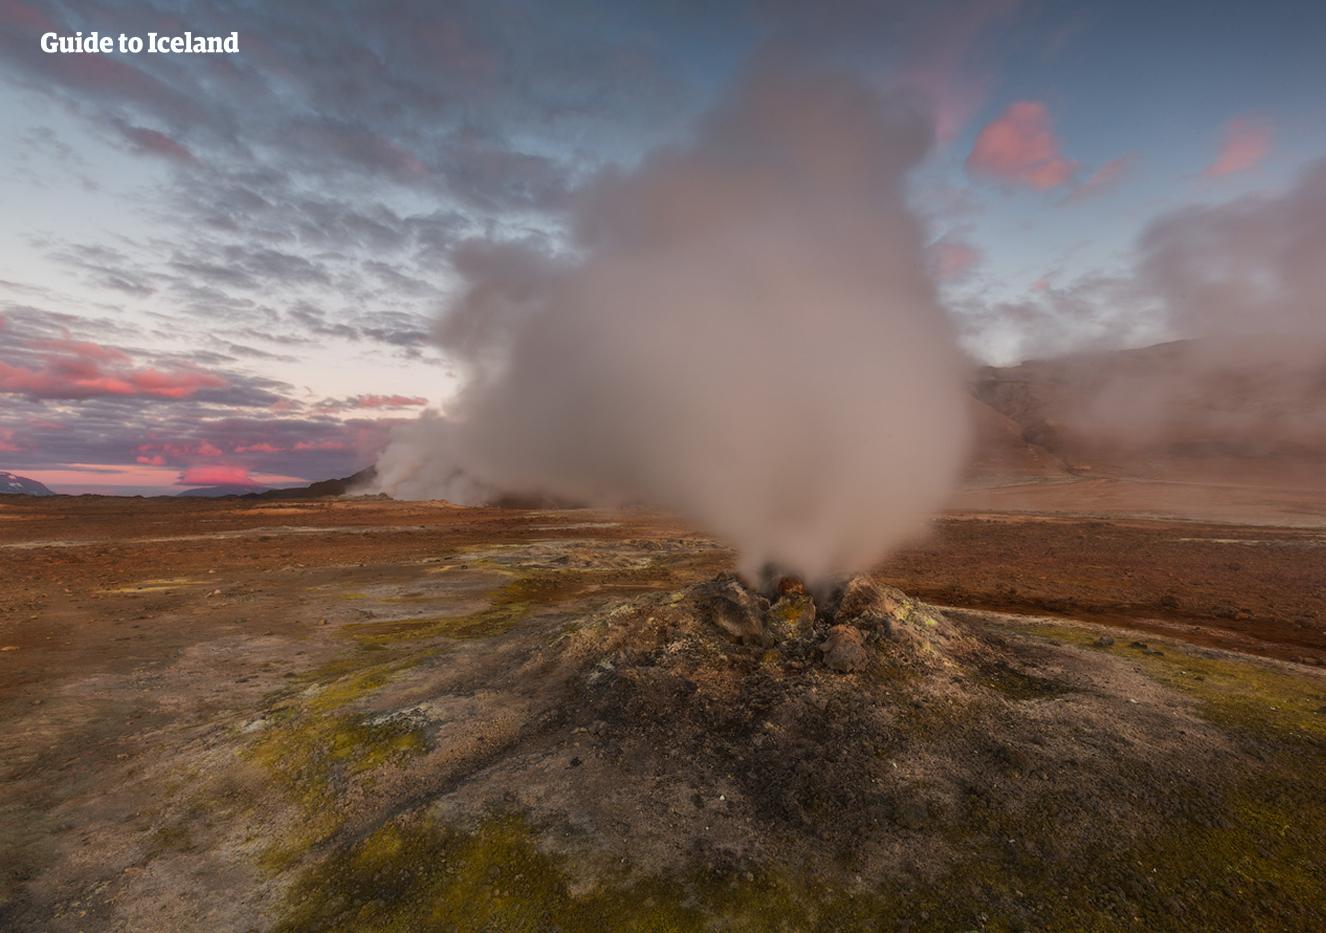 Para wydobywająca się z ziemi w obszarze geotermalnym Námaskarð w pobliżu jeziora Mývatn.